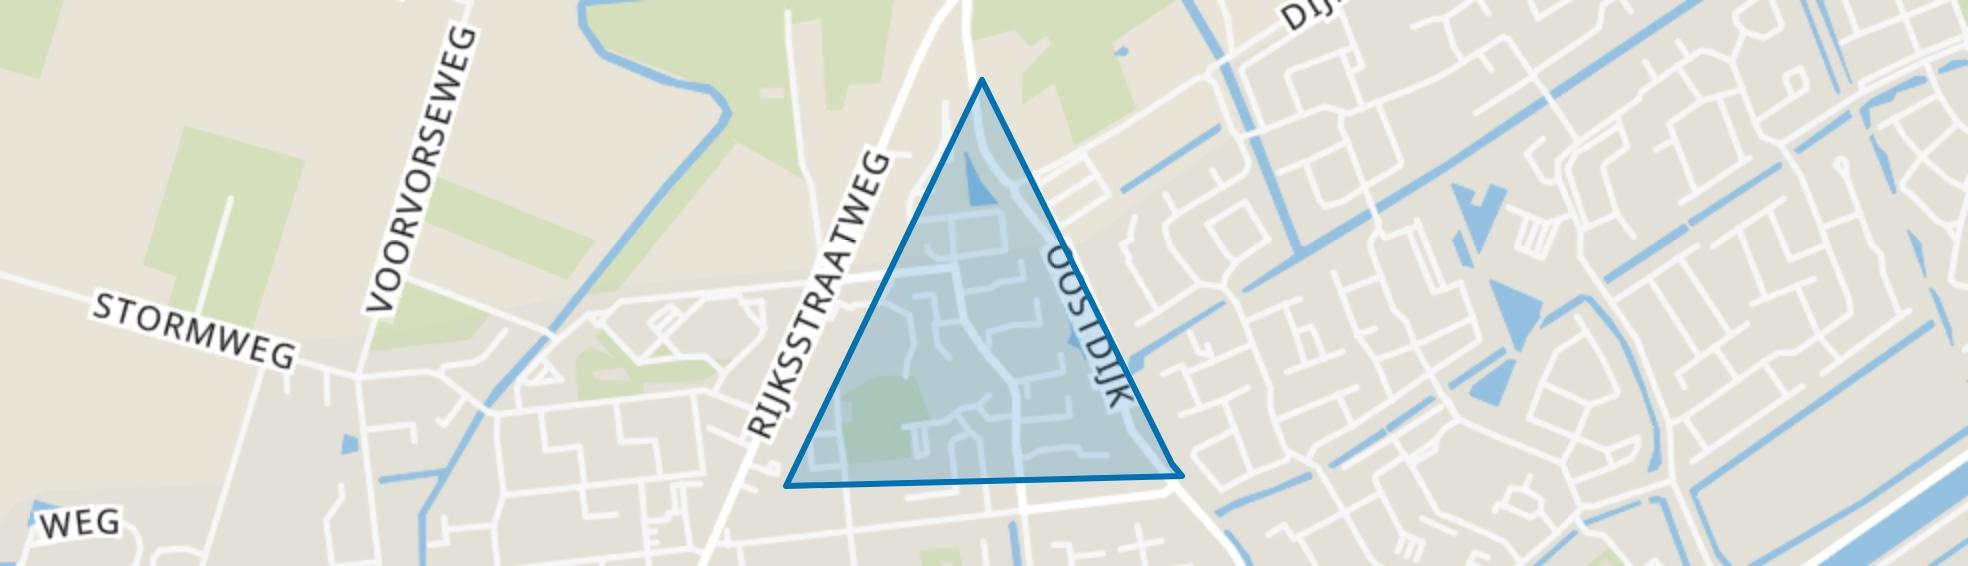 Kulck-Noord, Hellevoetsluis map